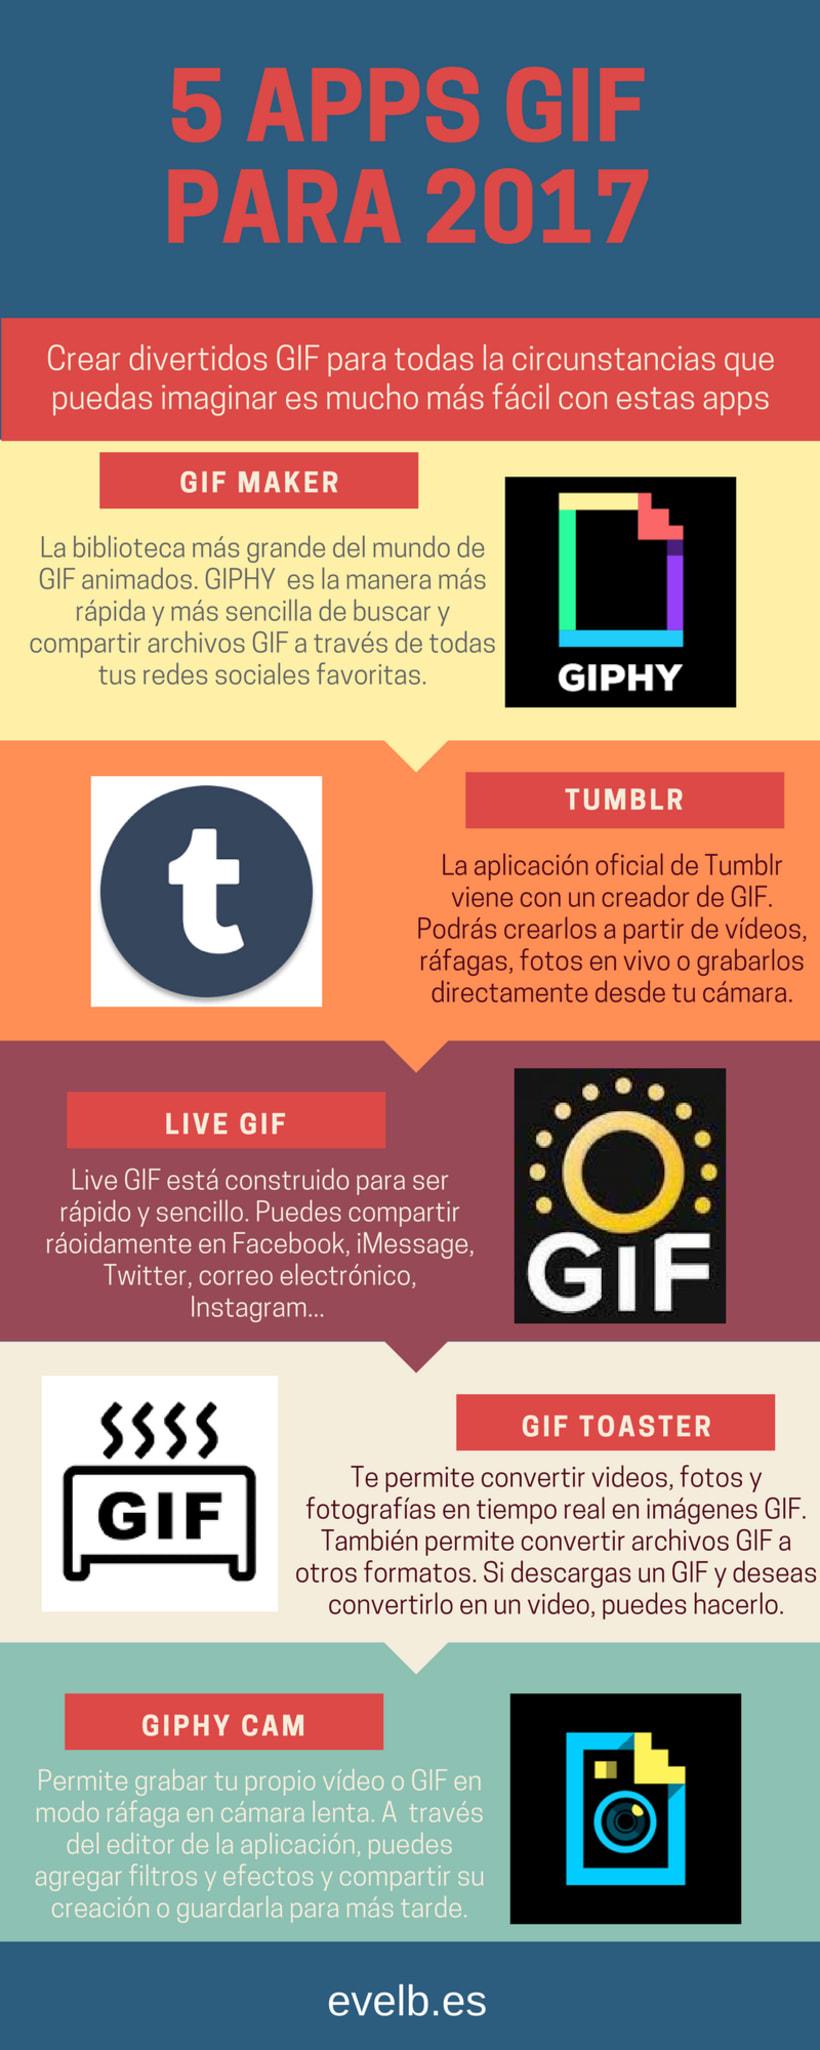 Infografías evelb.es 0